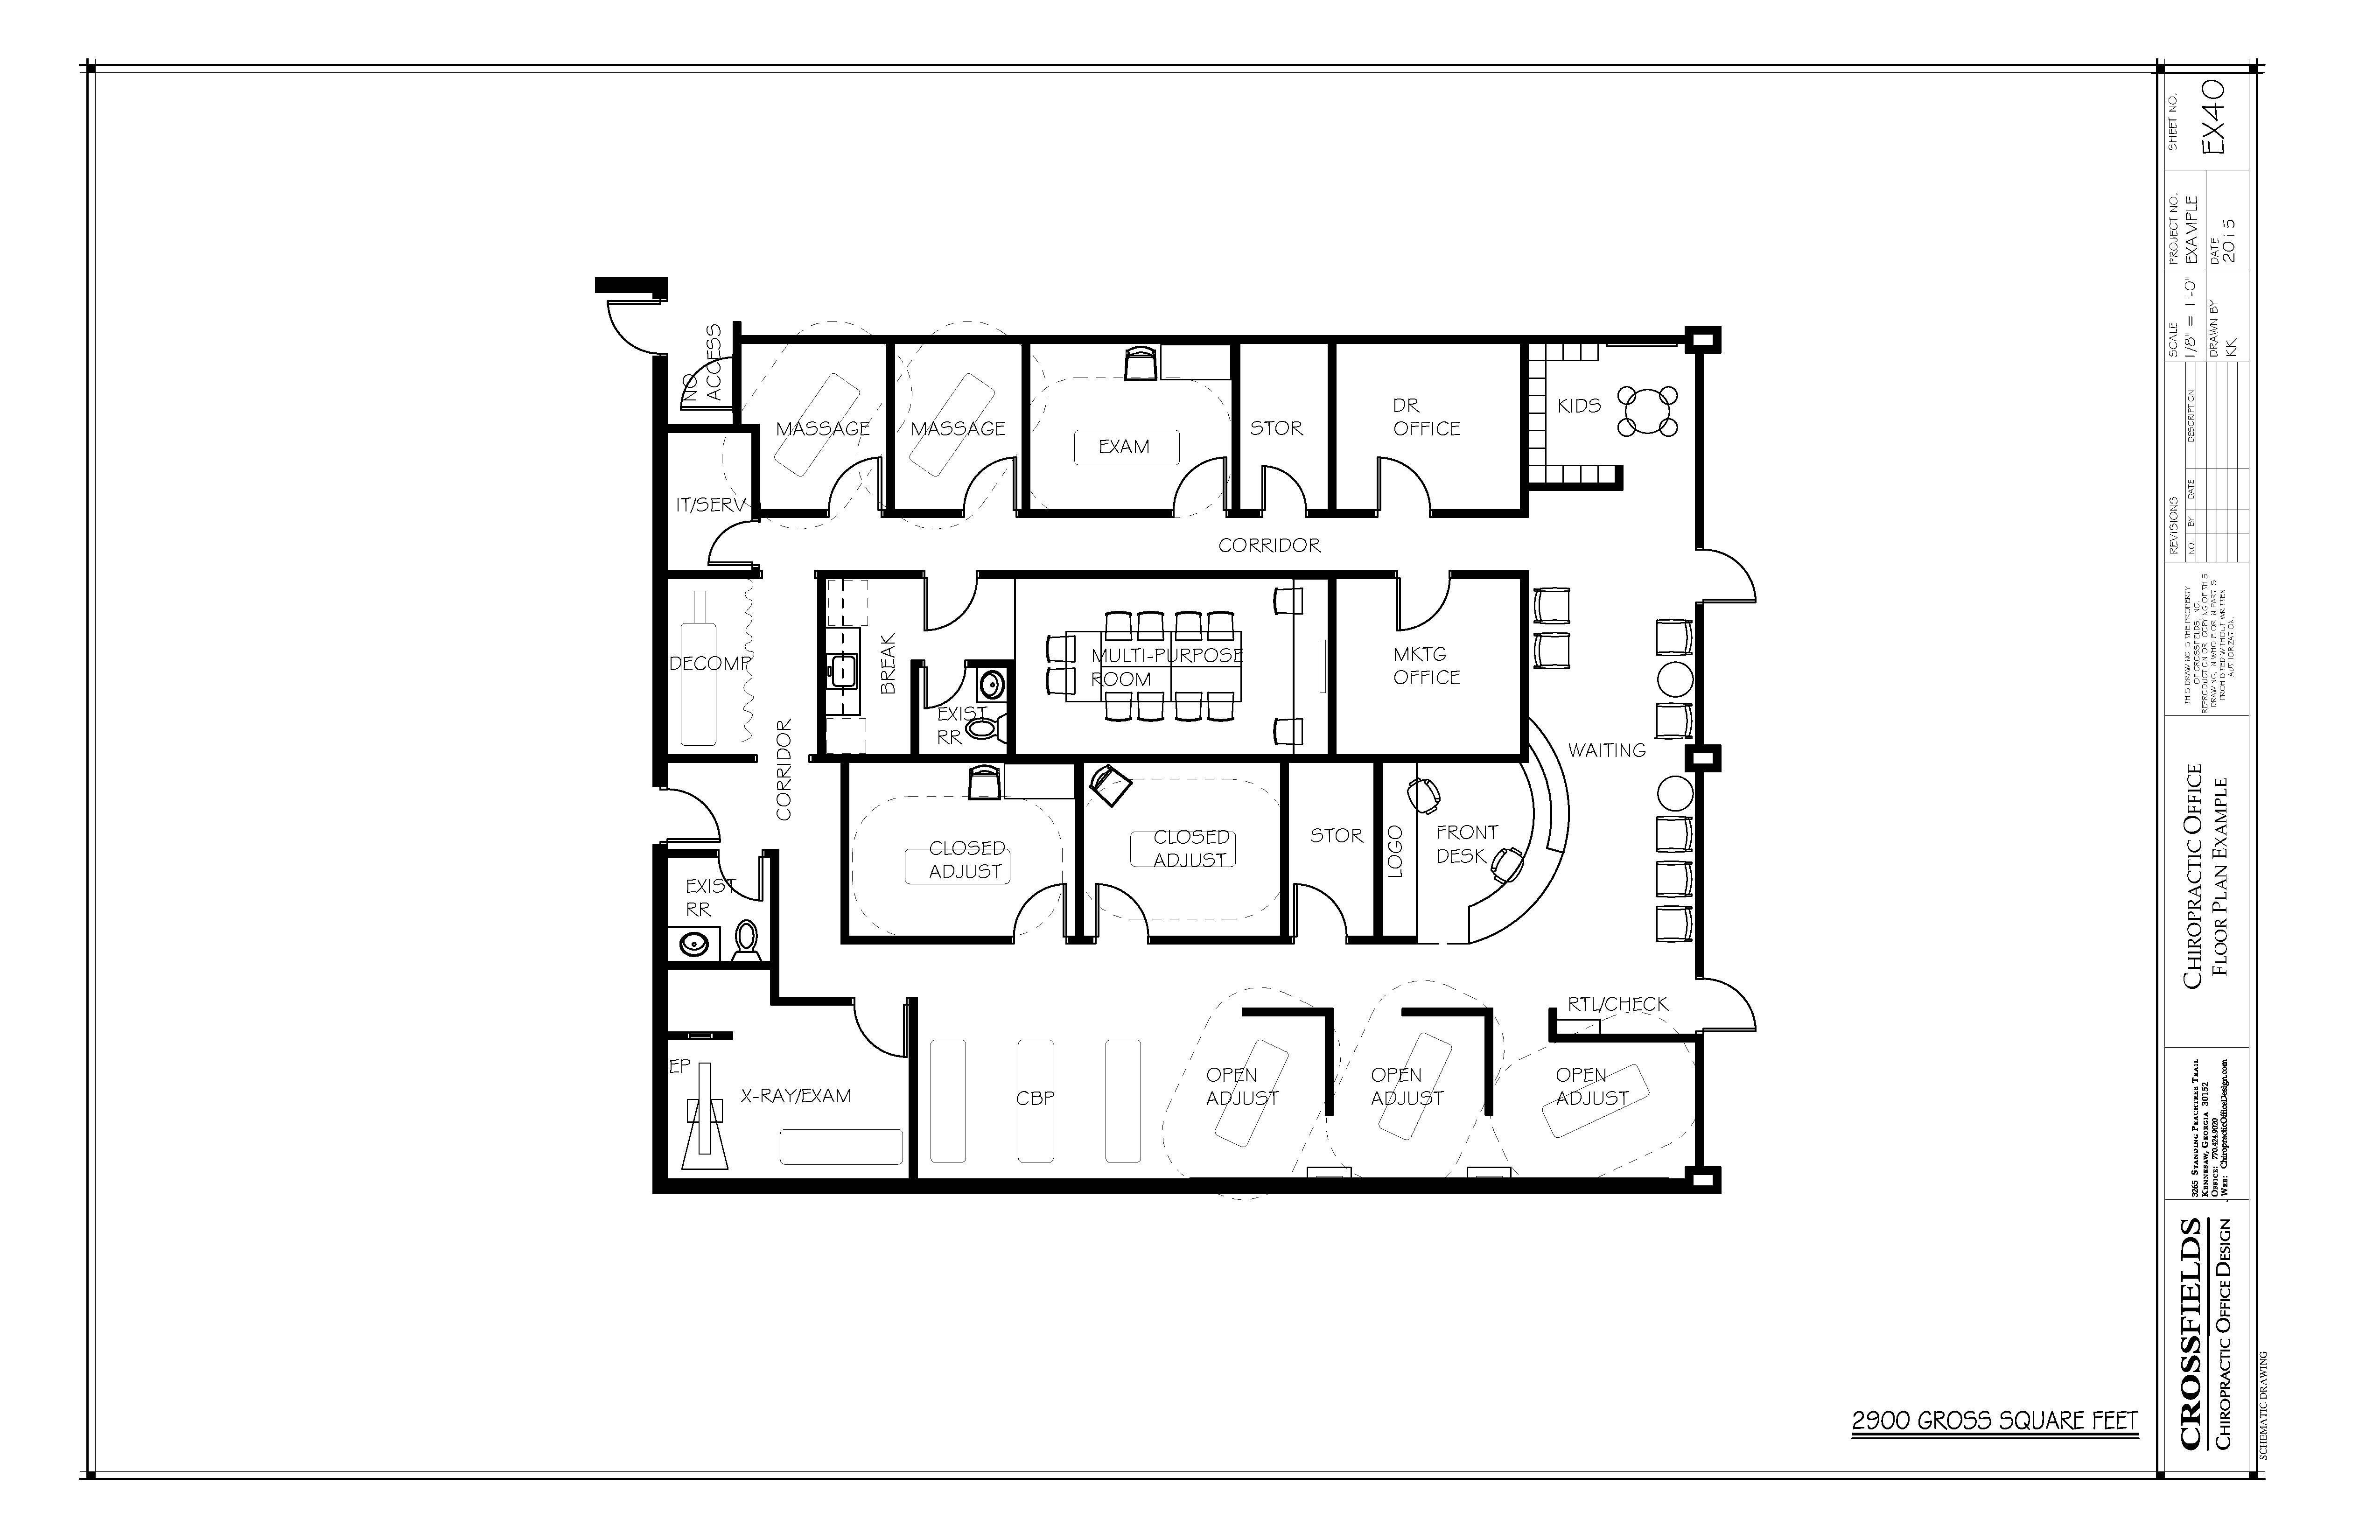 Chiropractic floorplan with semi open adjusting and - Semi open floor plan ...